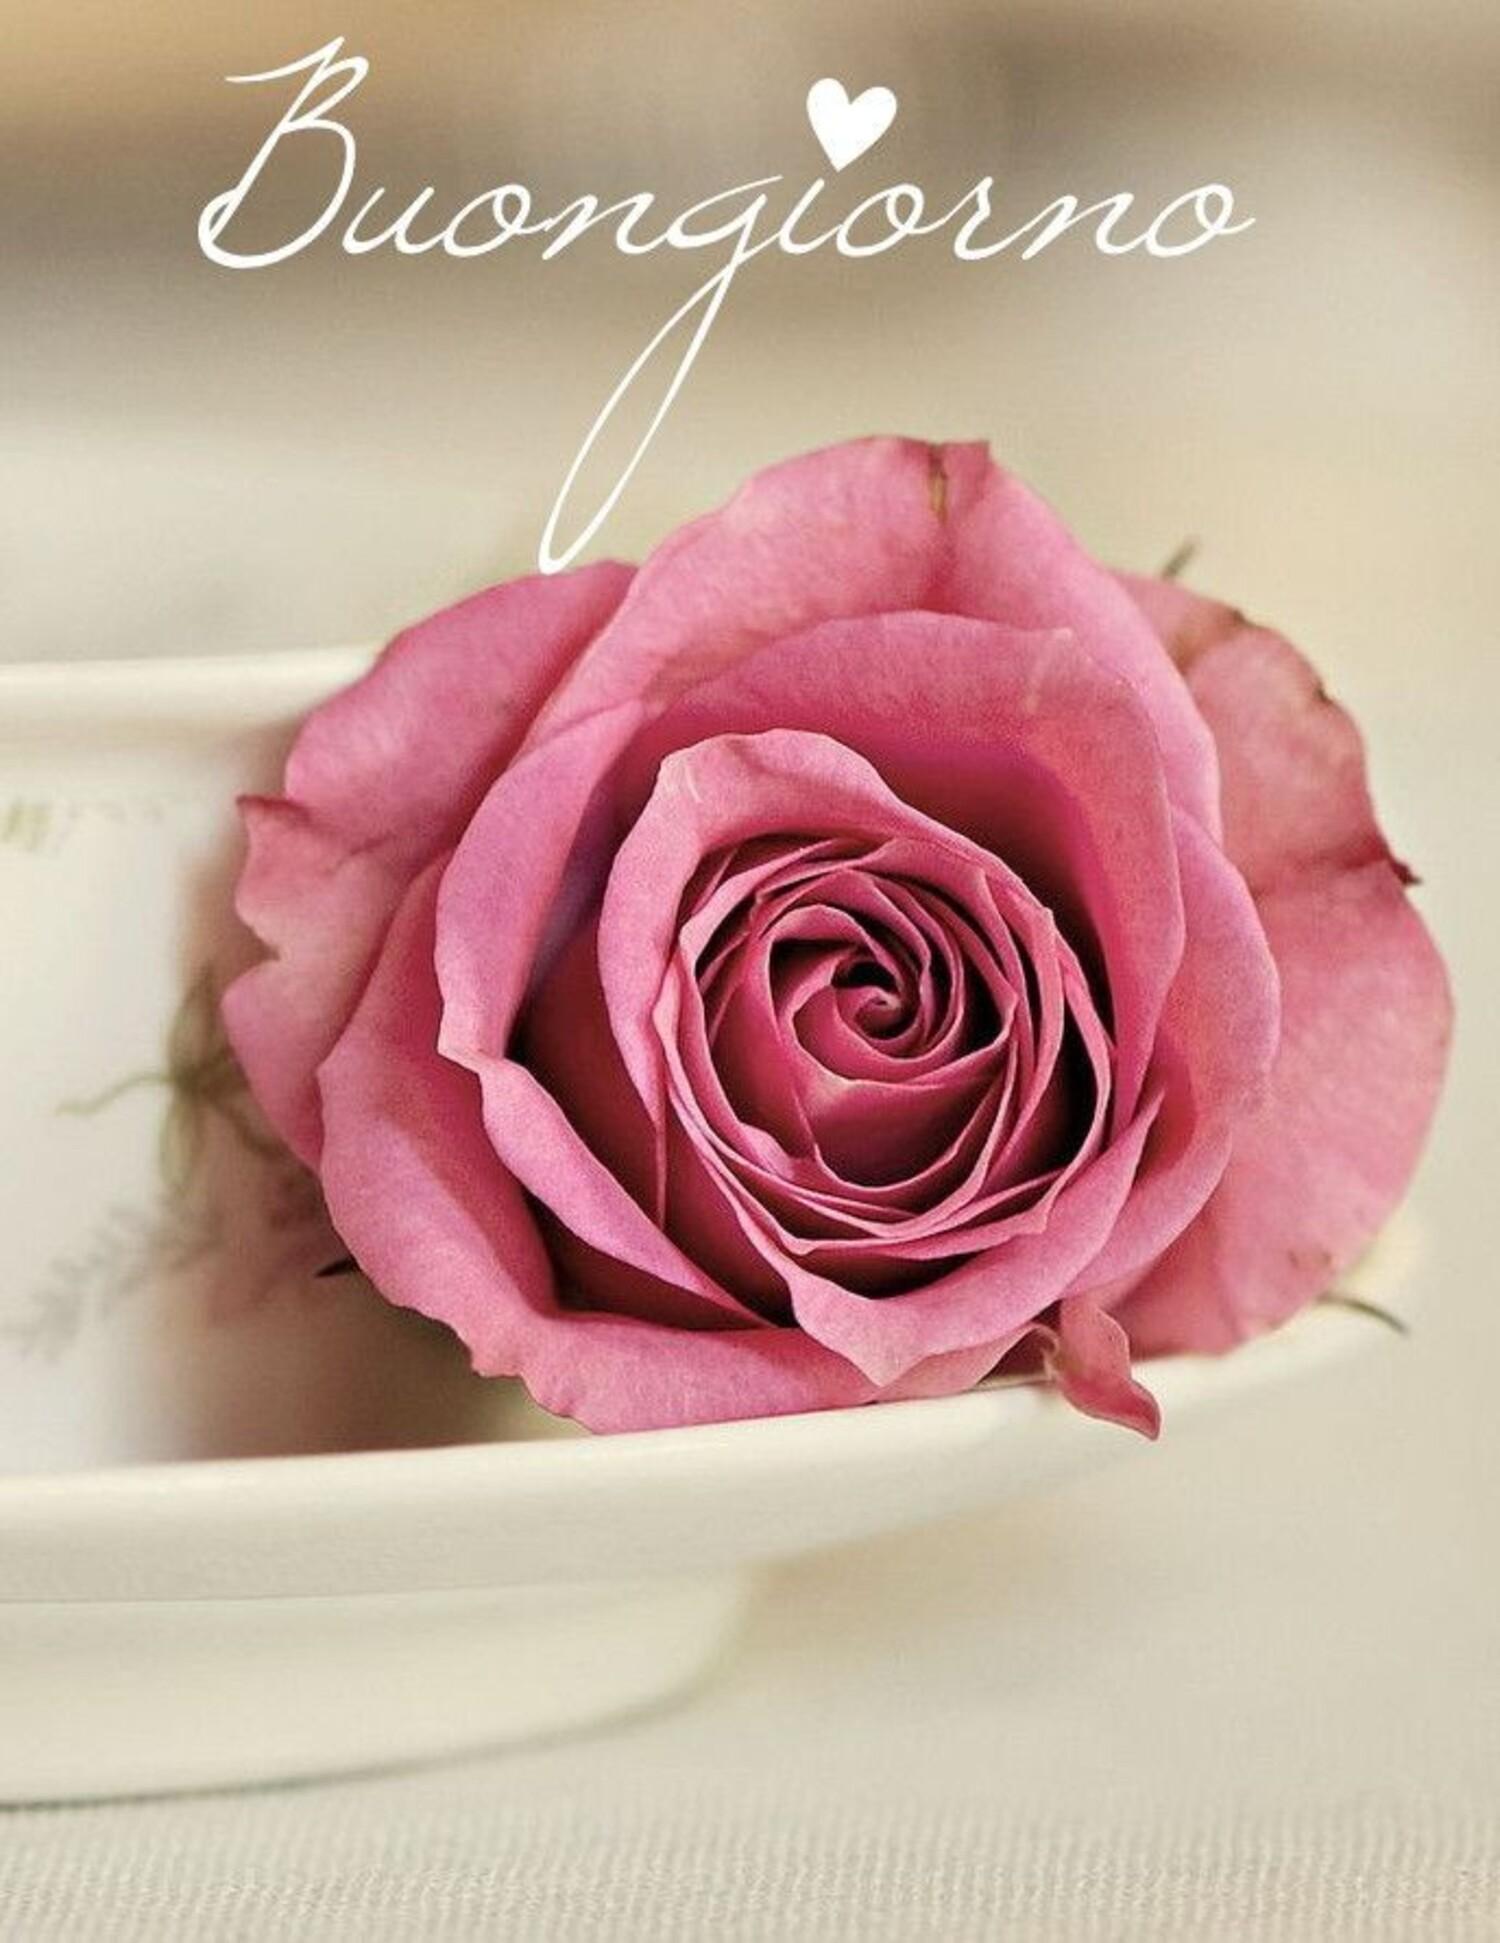 Buongiorno con una rosa